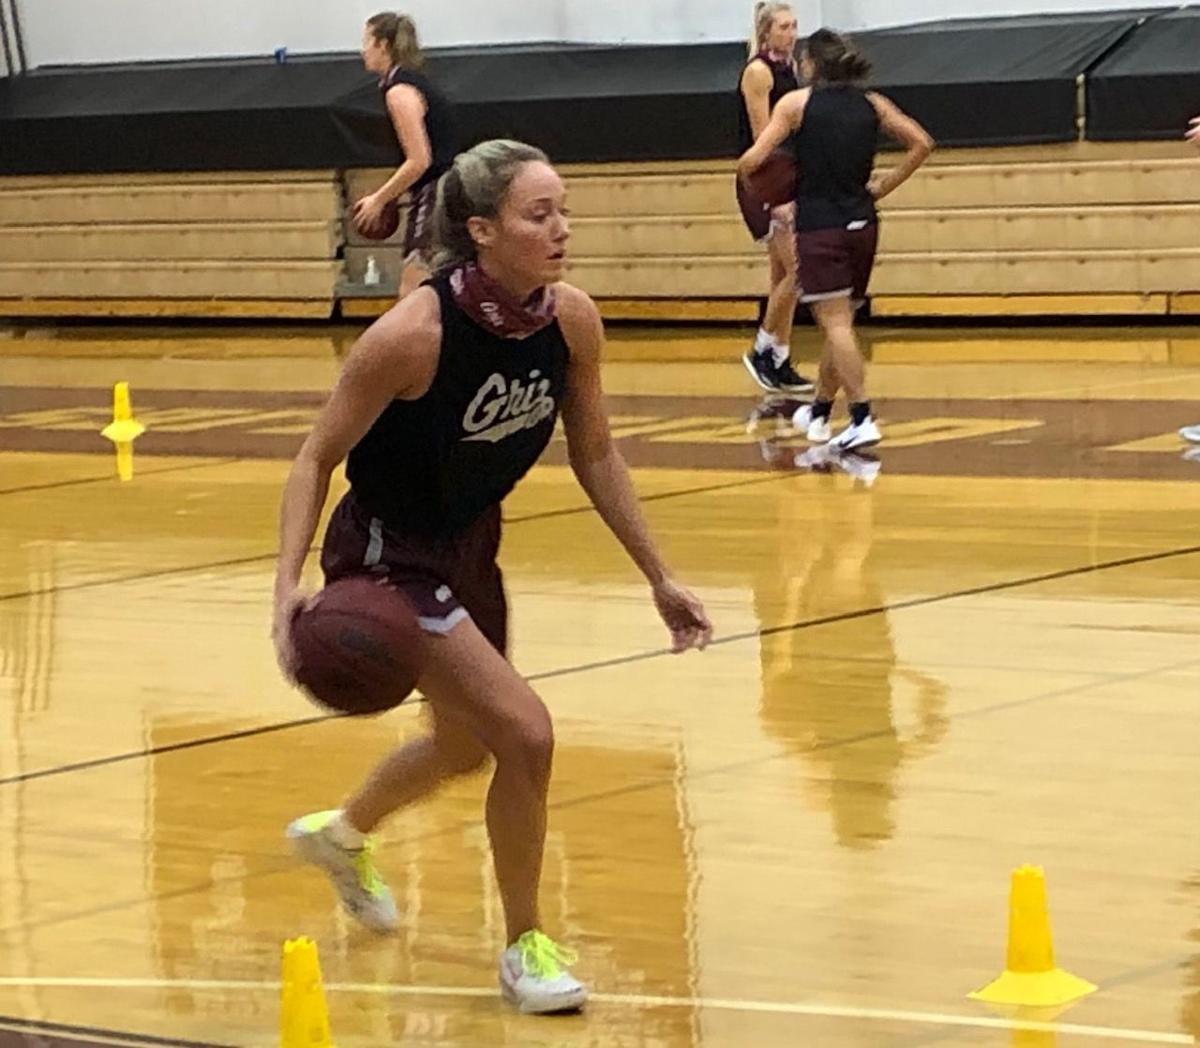 Sophia at practice